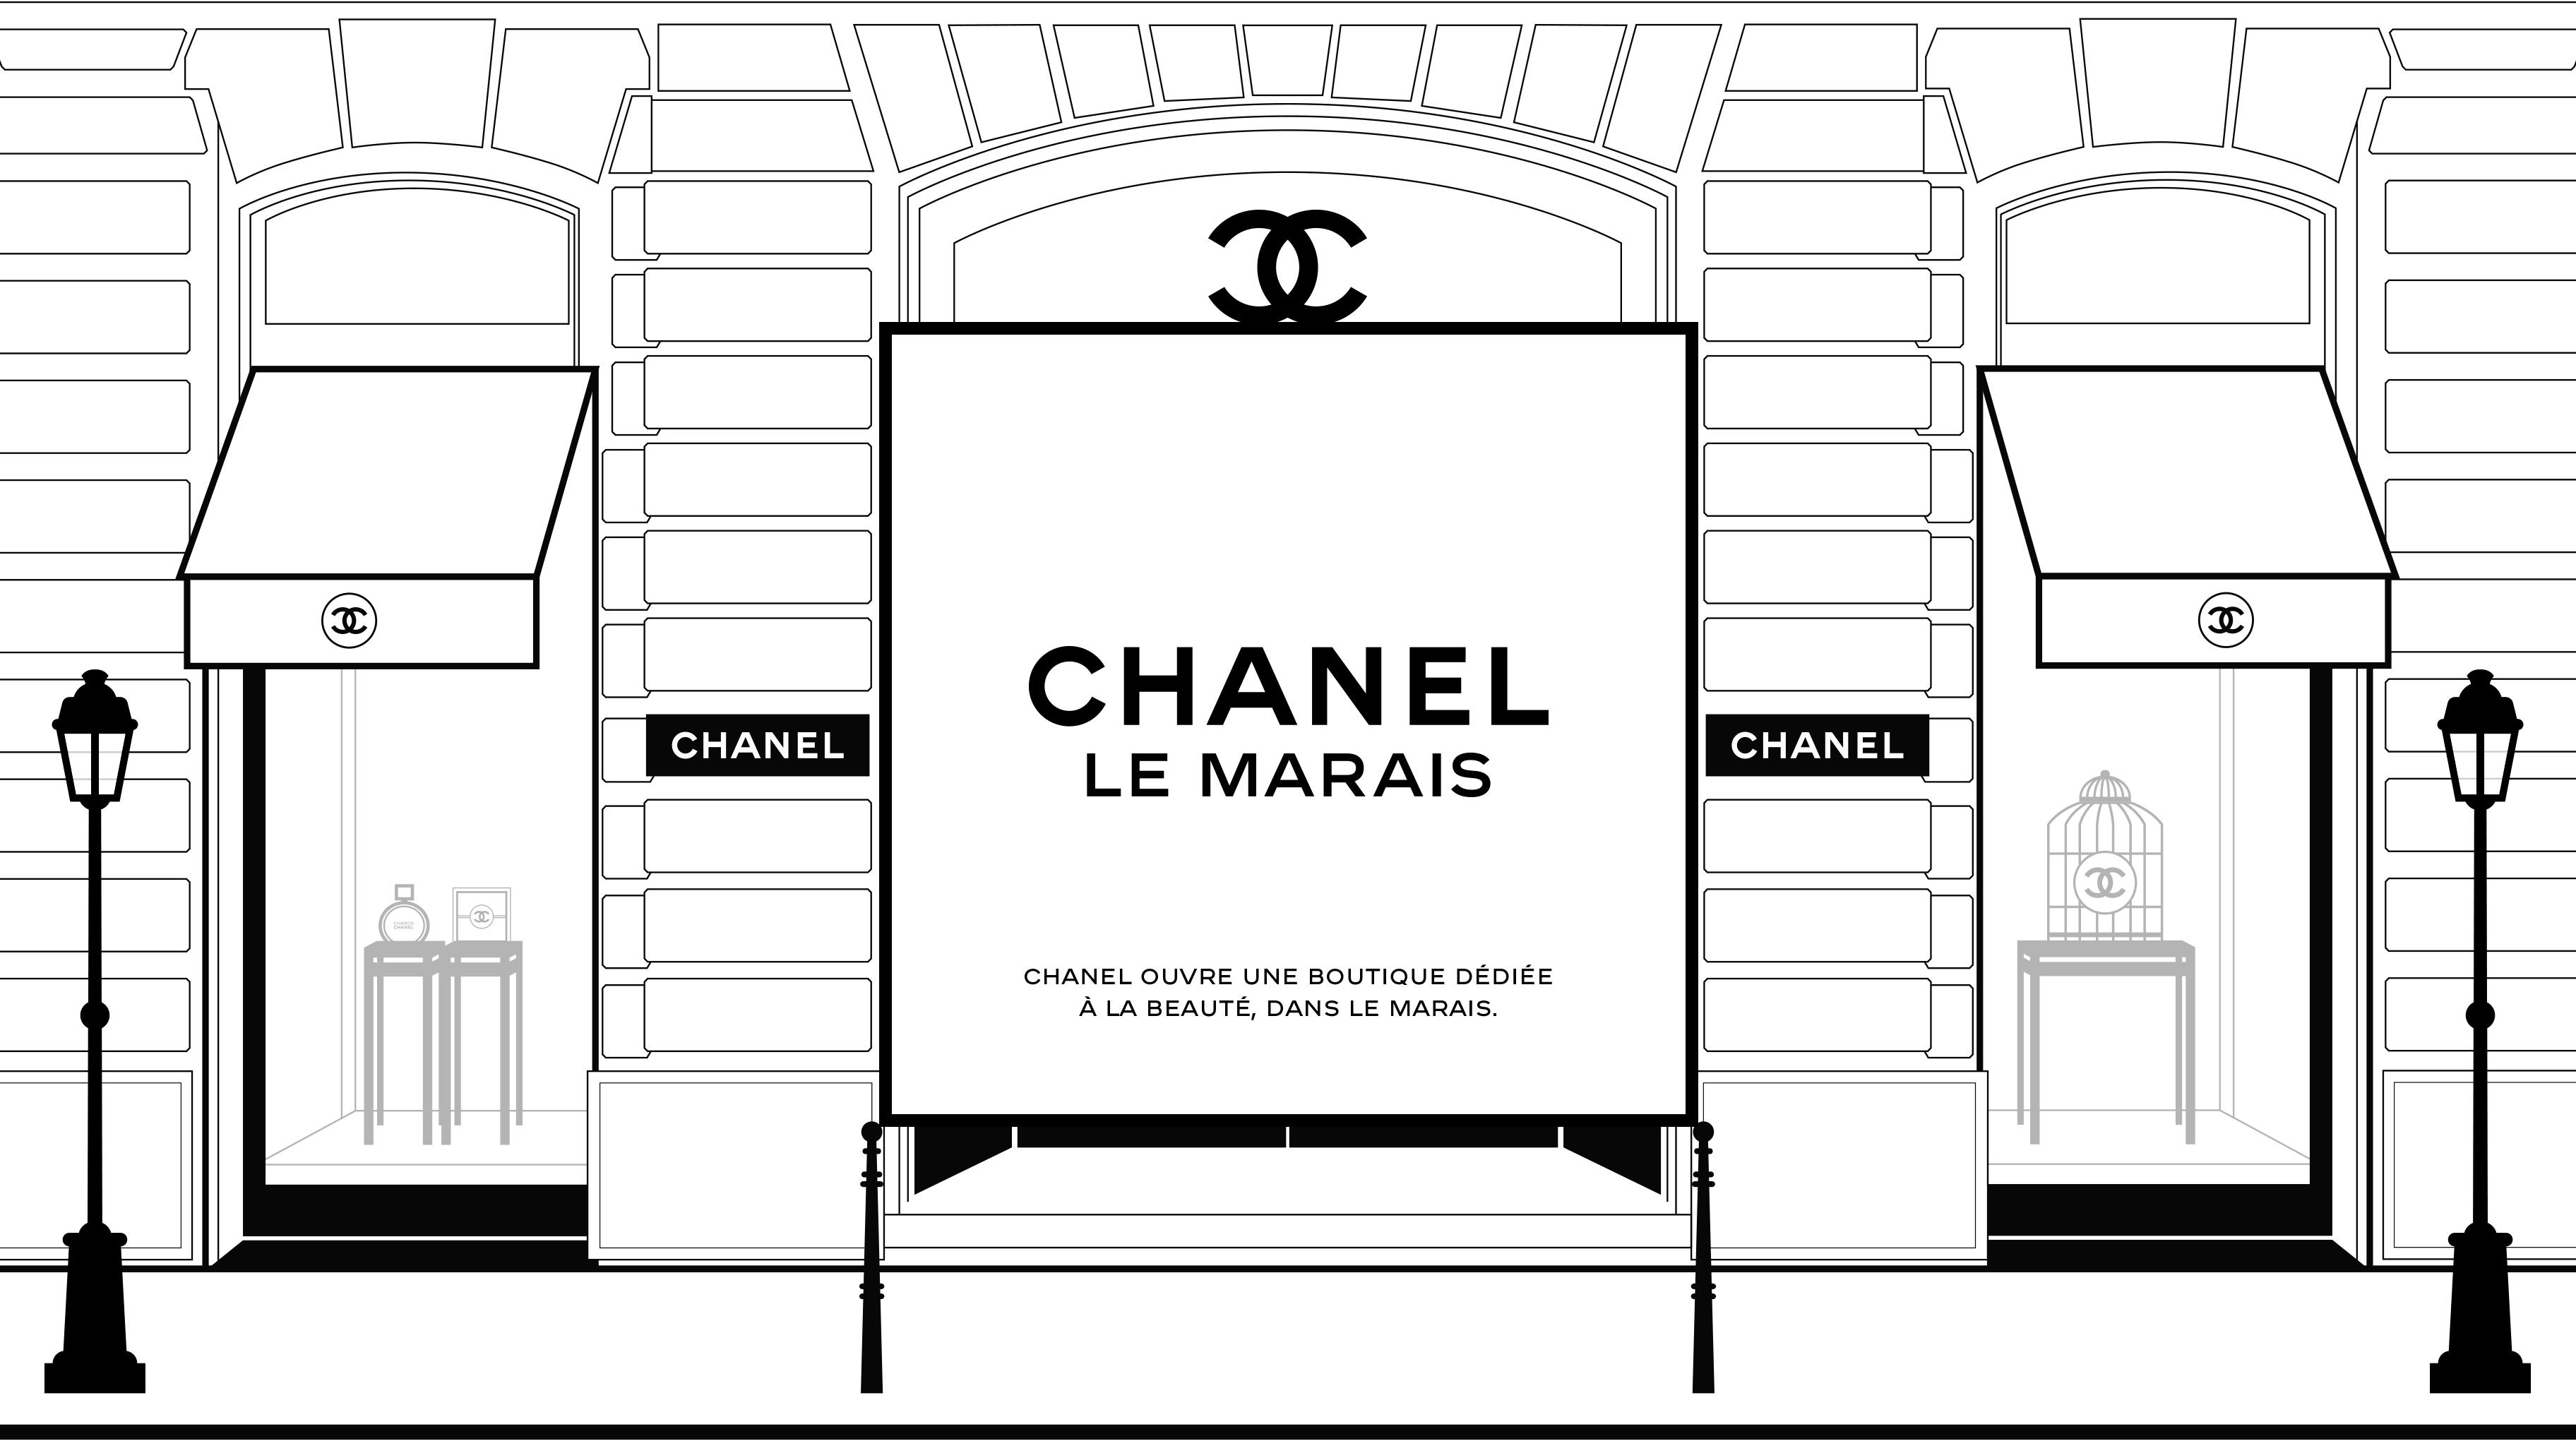 France Pas Cher chanel en ligne Vente en ligne - galerie-saltiel.fr 8d1f3c3ecc5